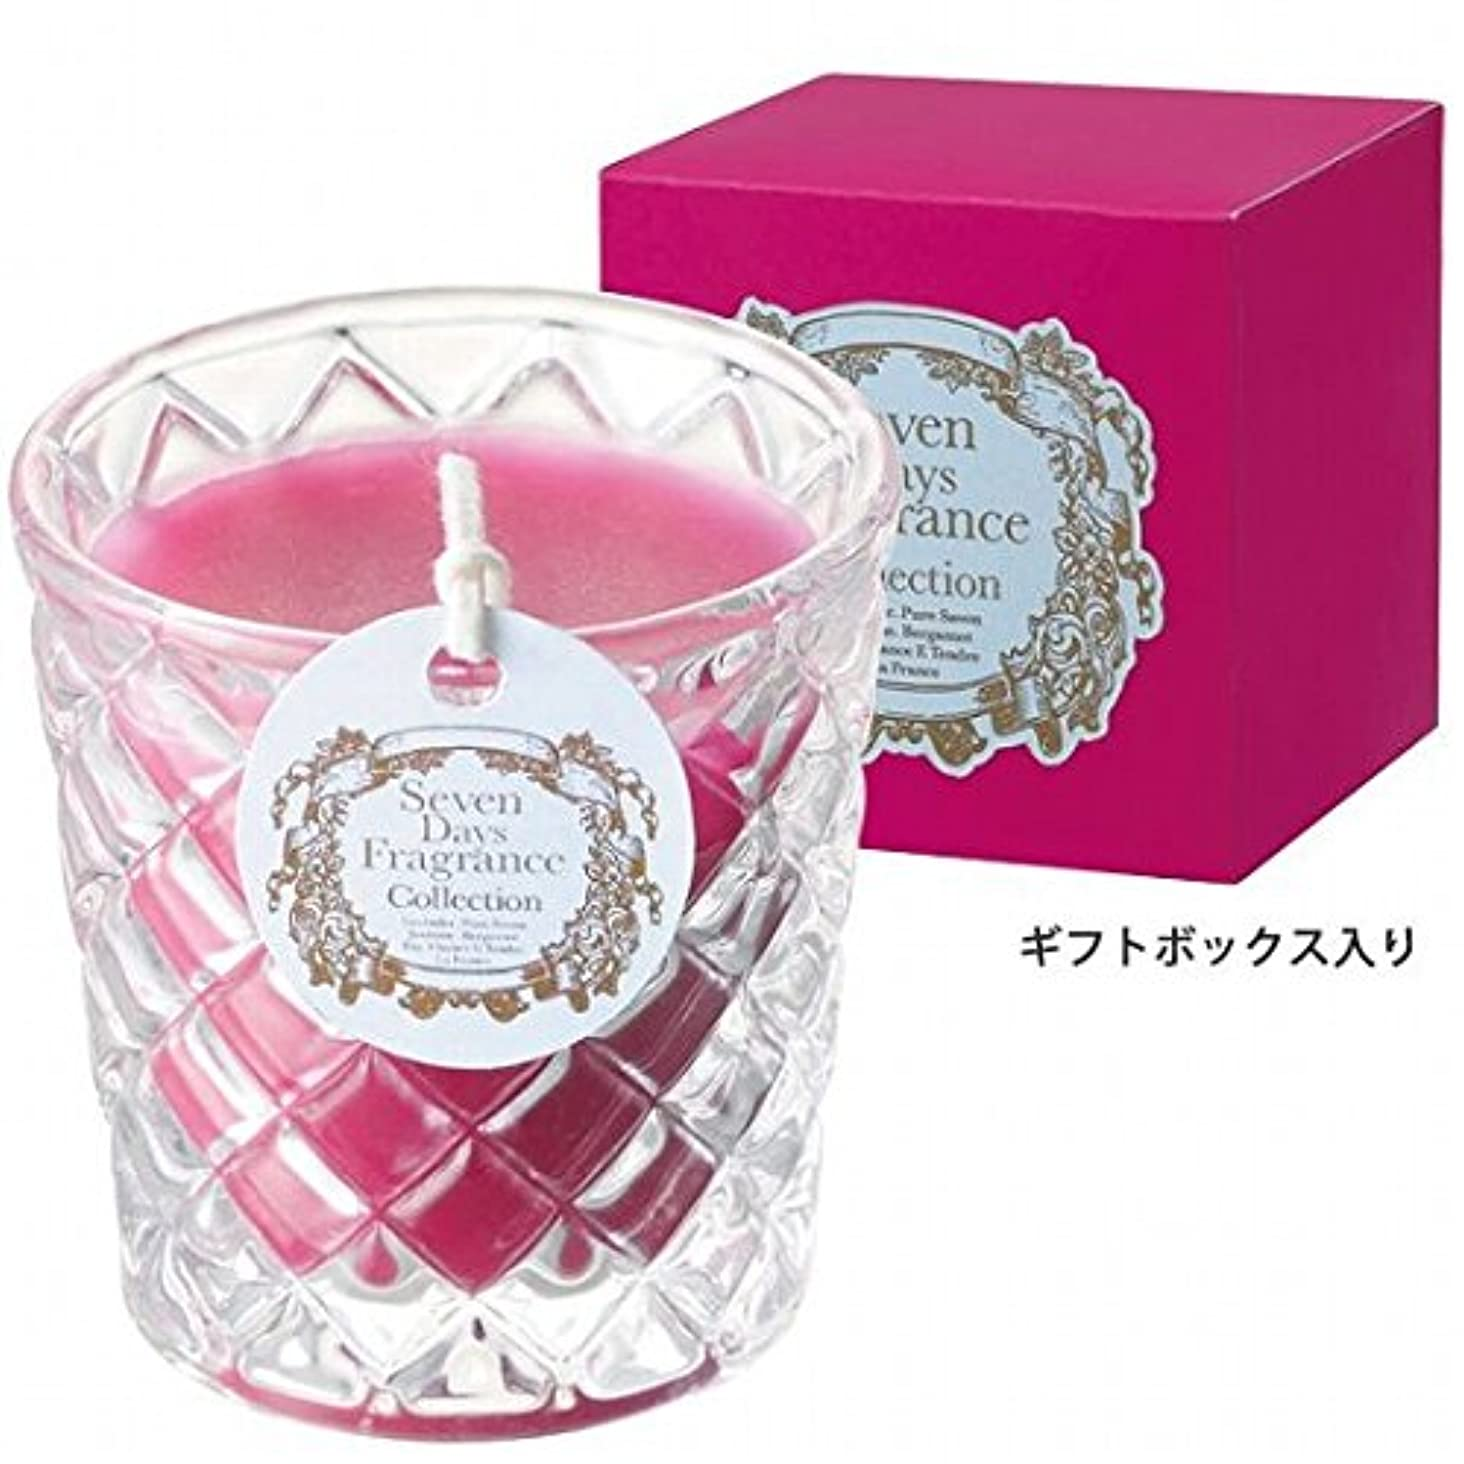 保存約特異なカメヤマキャンドル( kameyama candle ) セブンデイズグラスキャンドル(木曜日) 「 フィグ 」